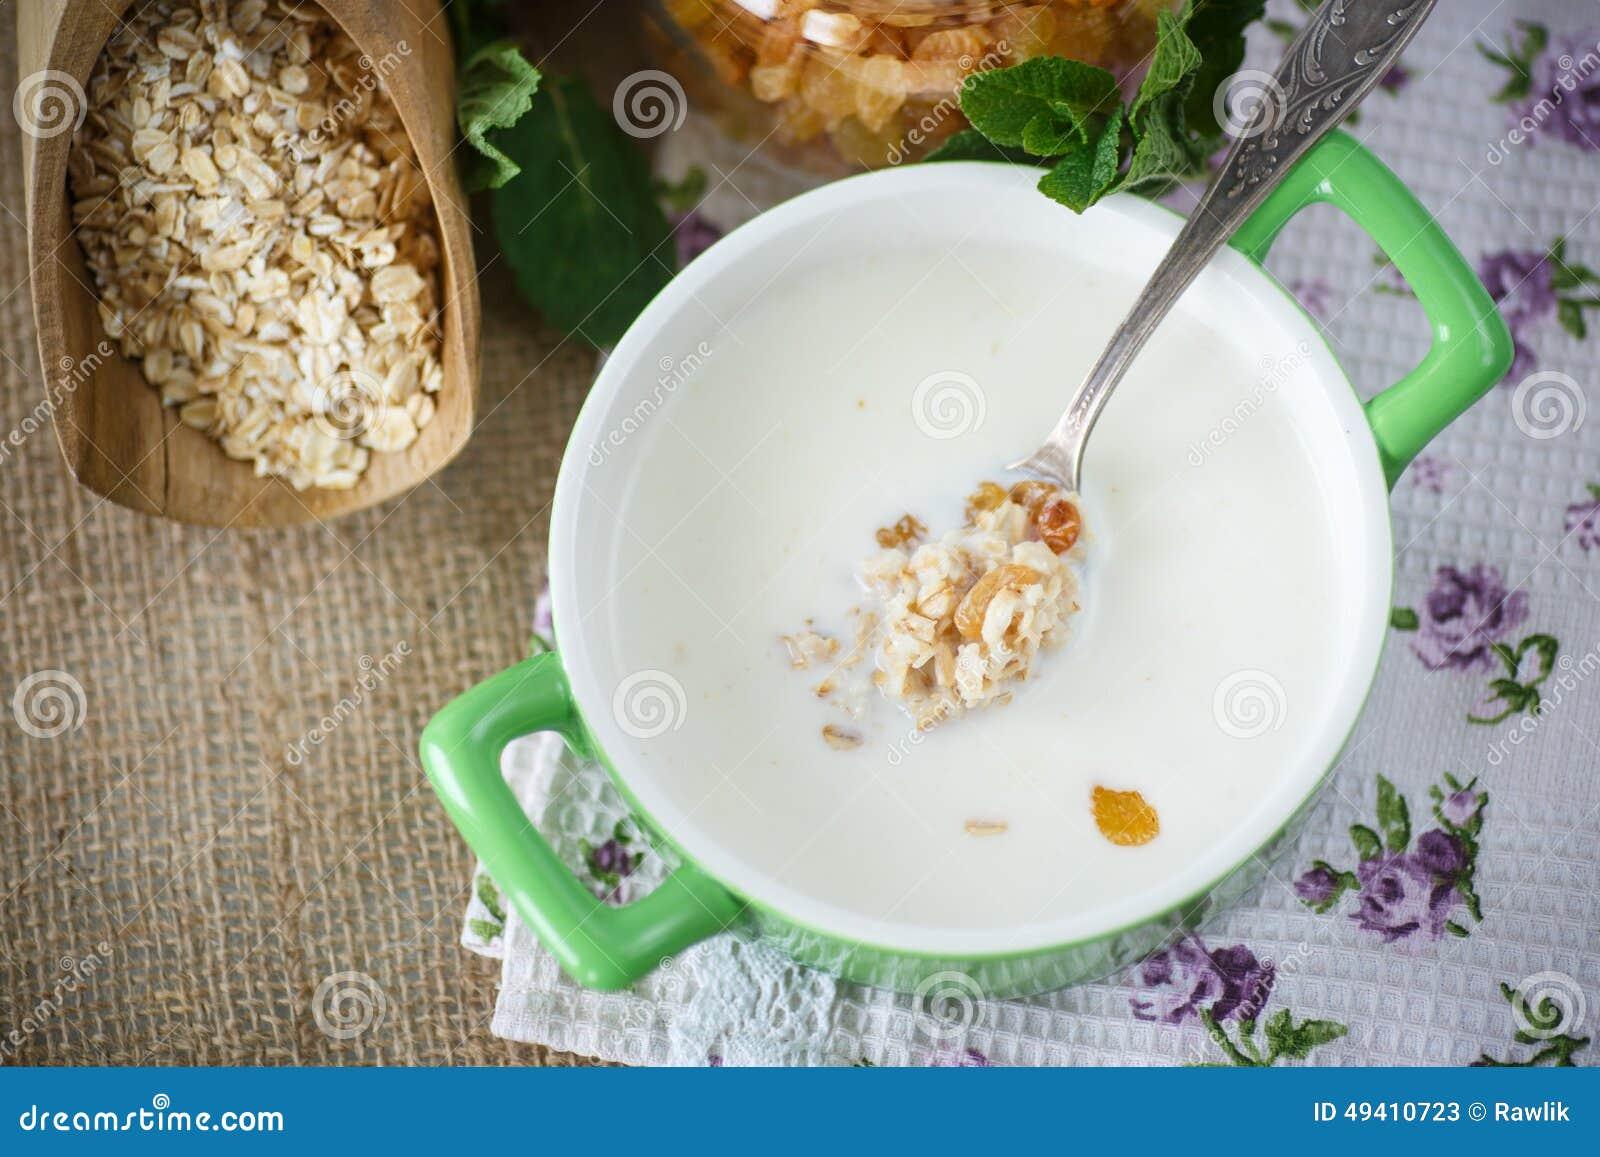 Download Hafermehl Mit Milch Und Rosinen Stockbild - Bild von gesund, nahrung: 49410723